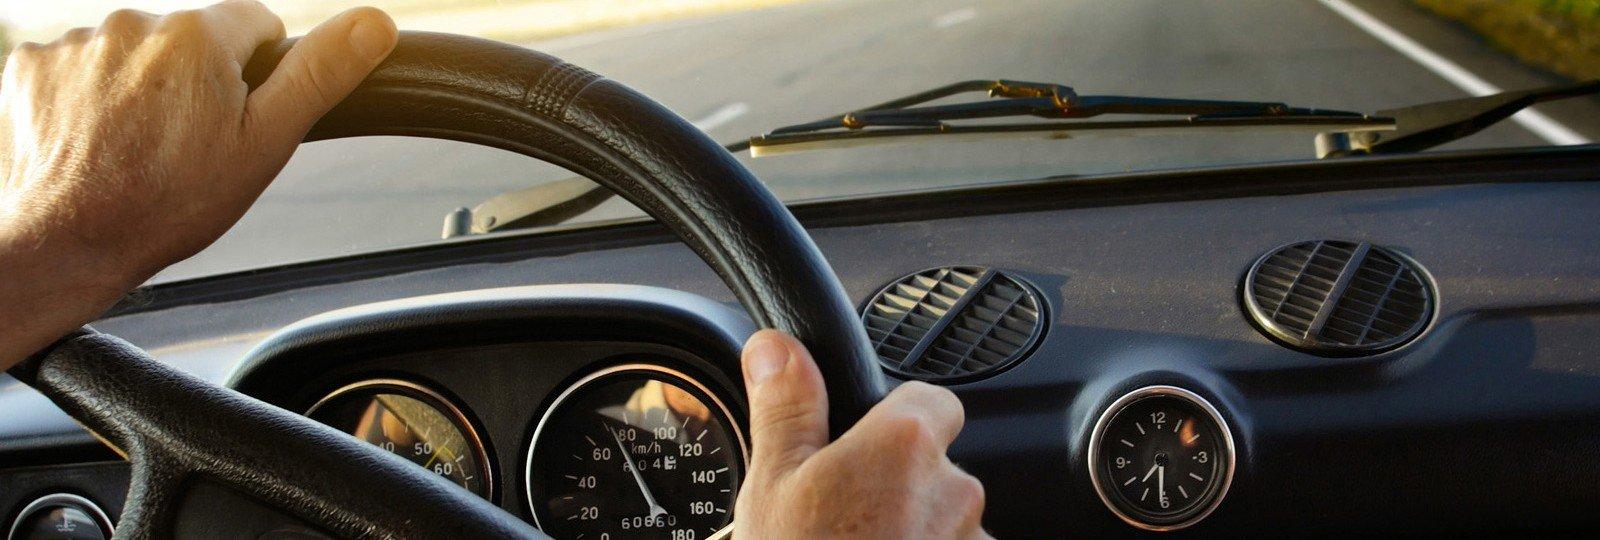 Vairavimo mokykla Autologija